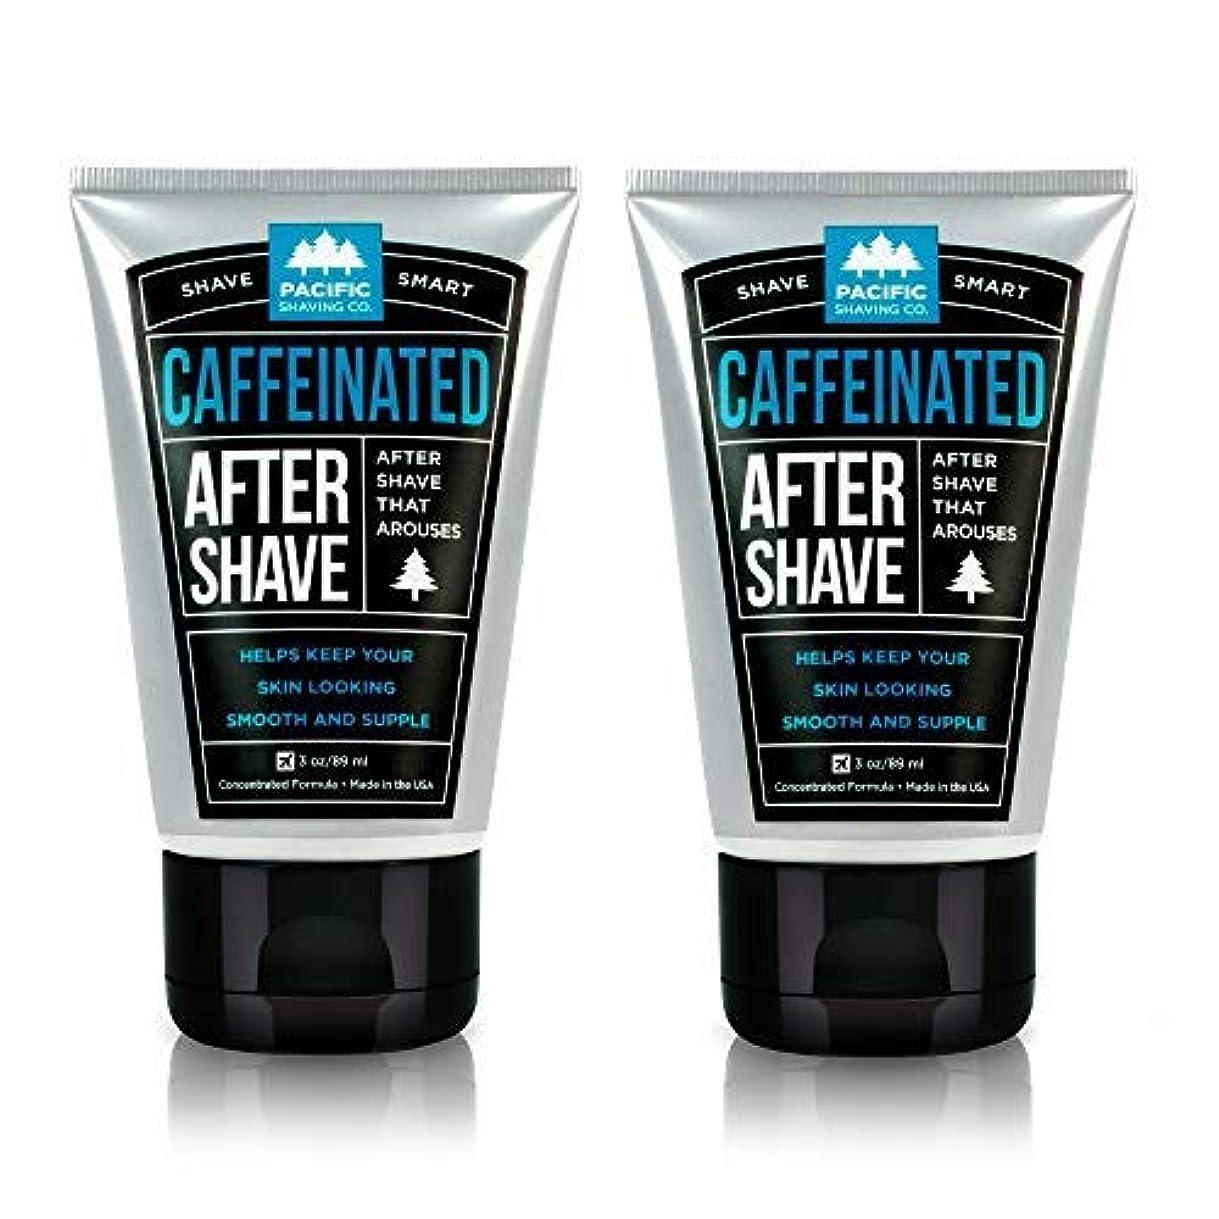 エンティティマッシュ現実的Pacific Shaving Company Caffeinated Aftershave 2 Pack [並行輸入品]